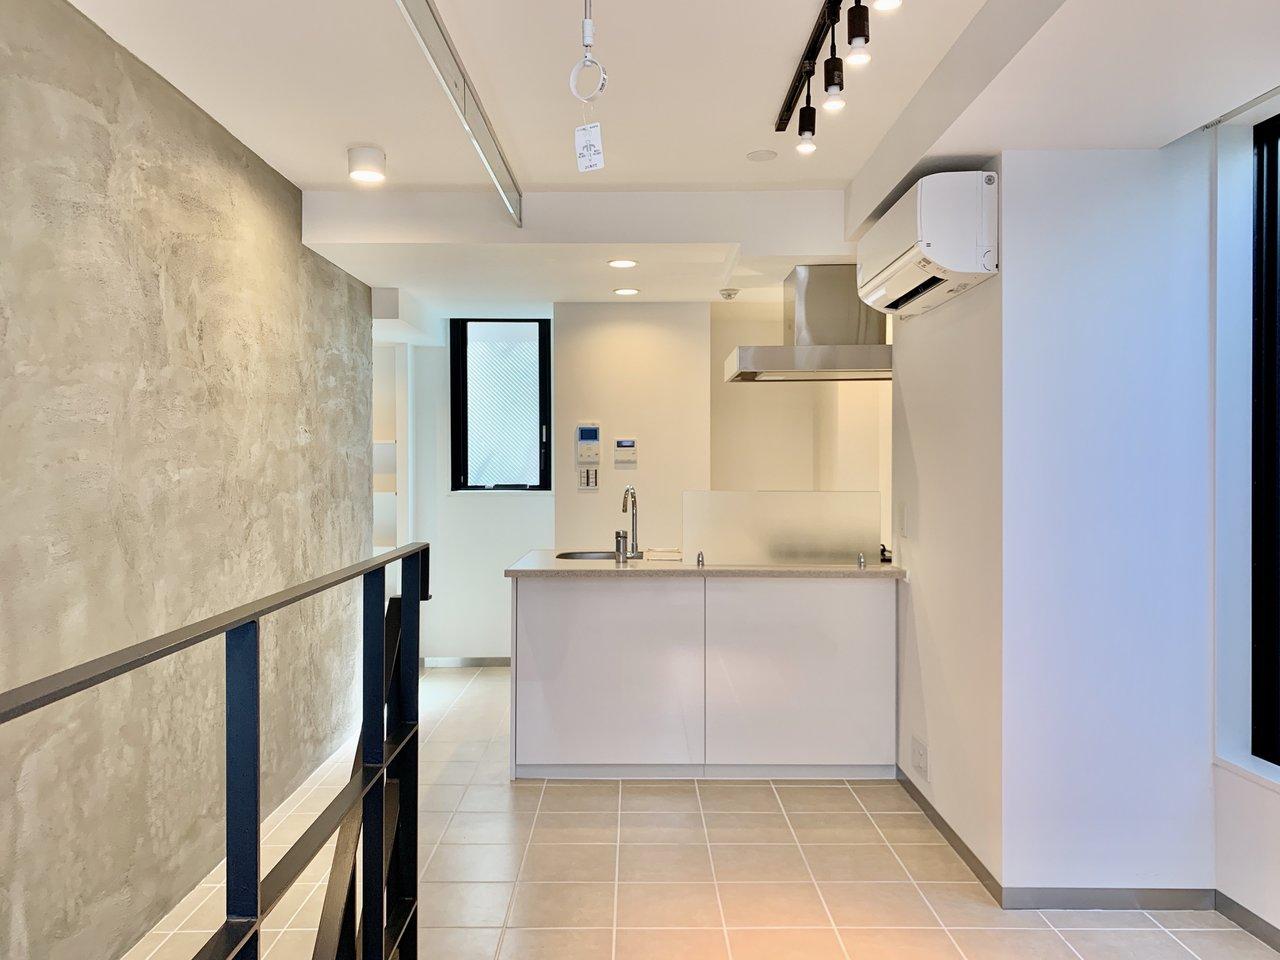 さて、最後はメゾネットタイプの1LDKのお部屋。コンクリート打ちっぱなしのスタイリッシュなデザイナーズ物件です。